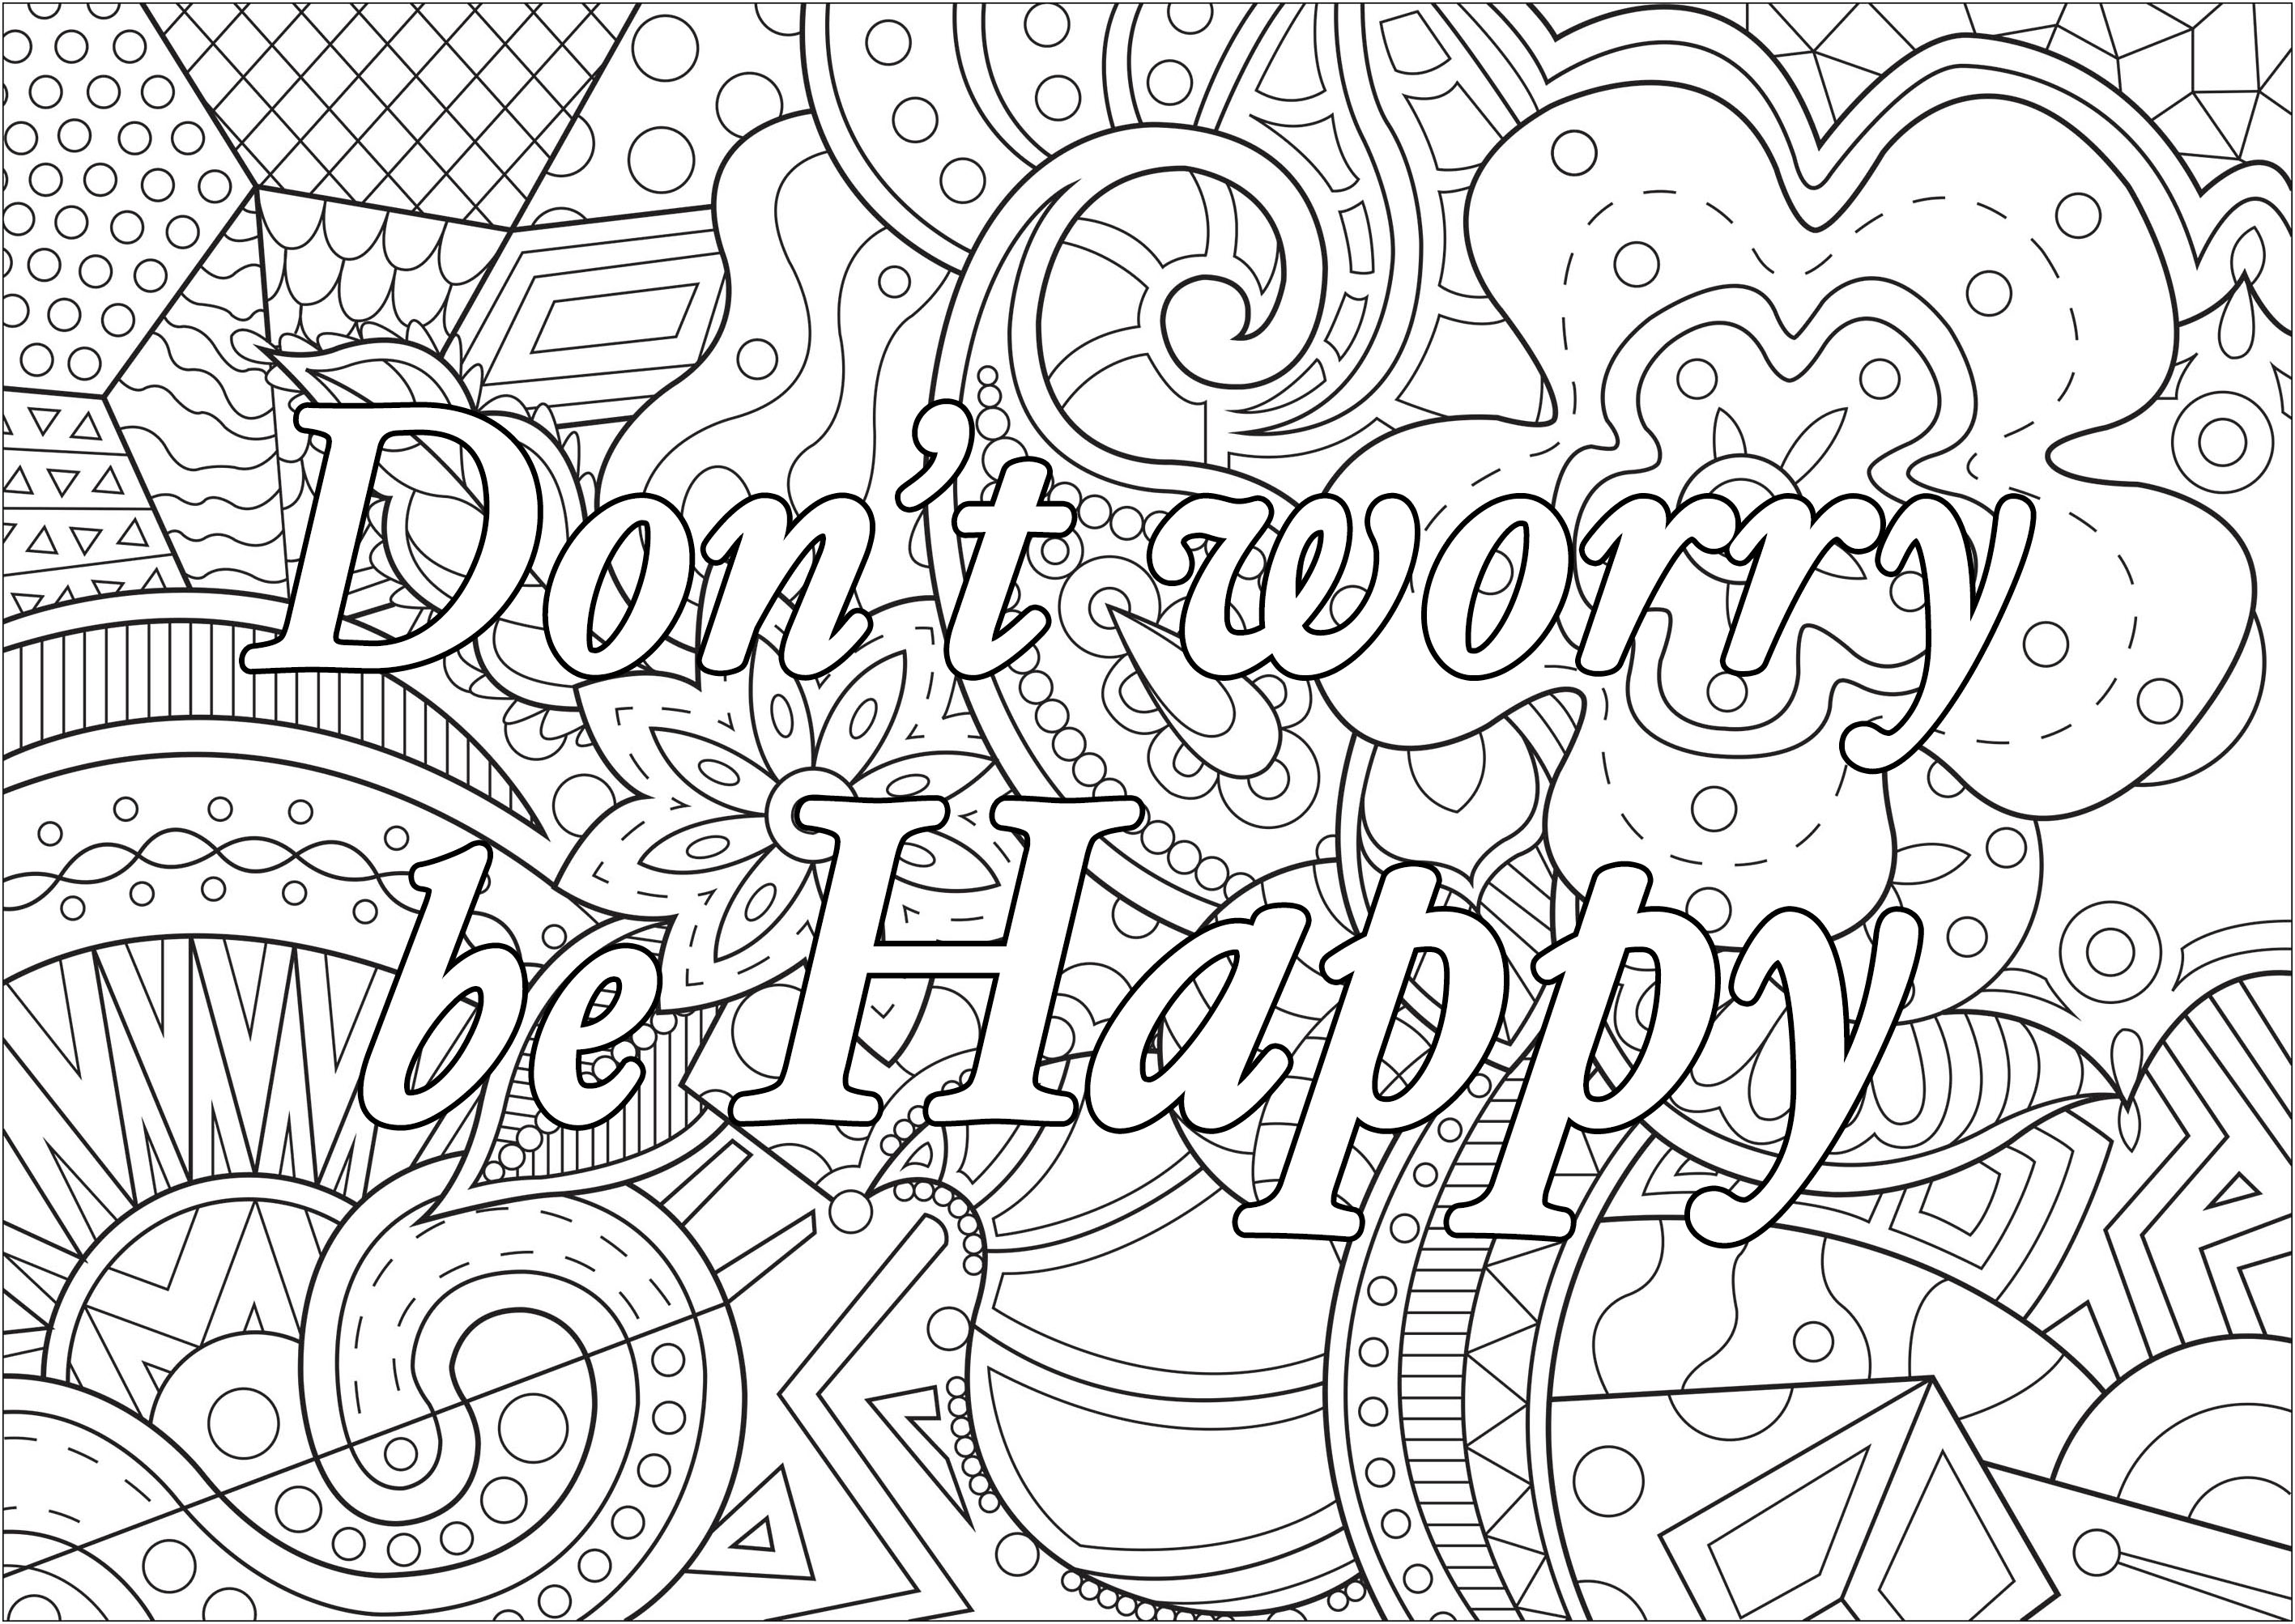 Don't worry be happy (Ne t'inquiète pas, sois joyeux)